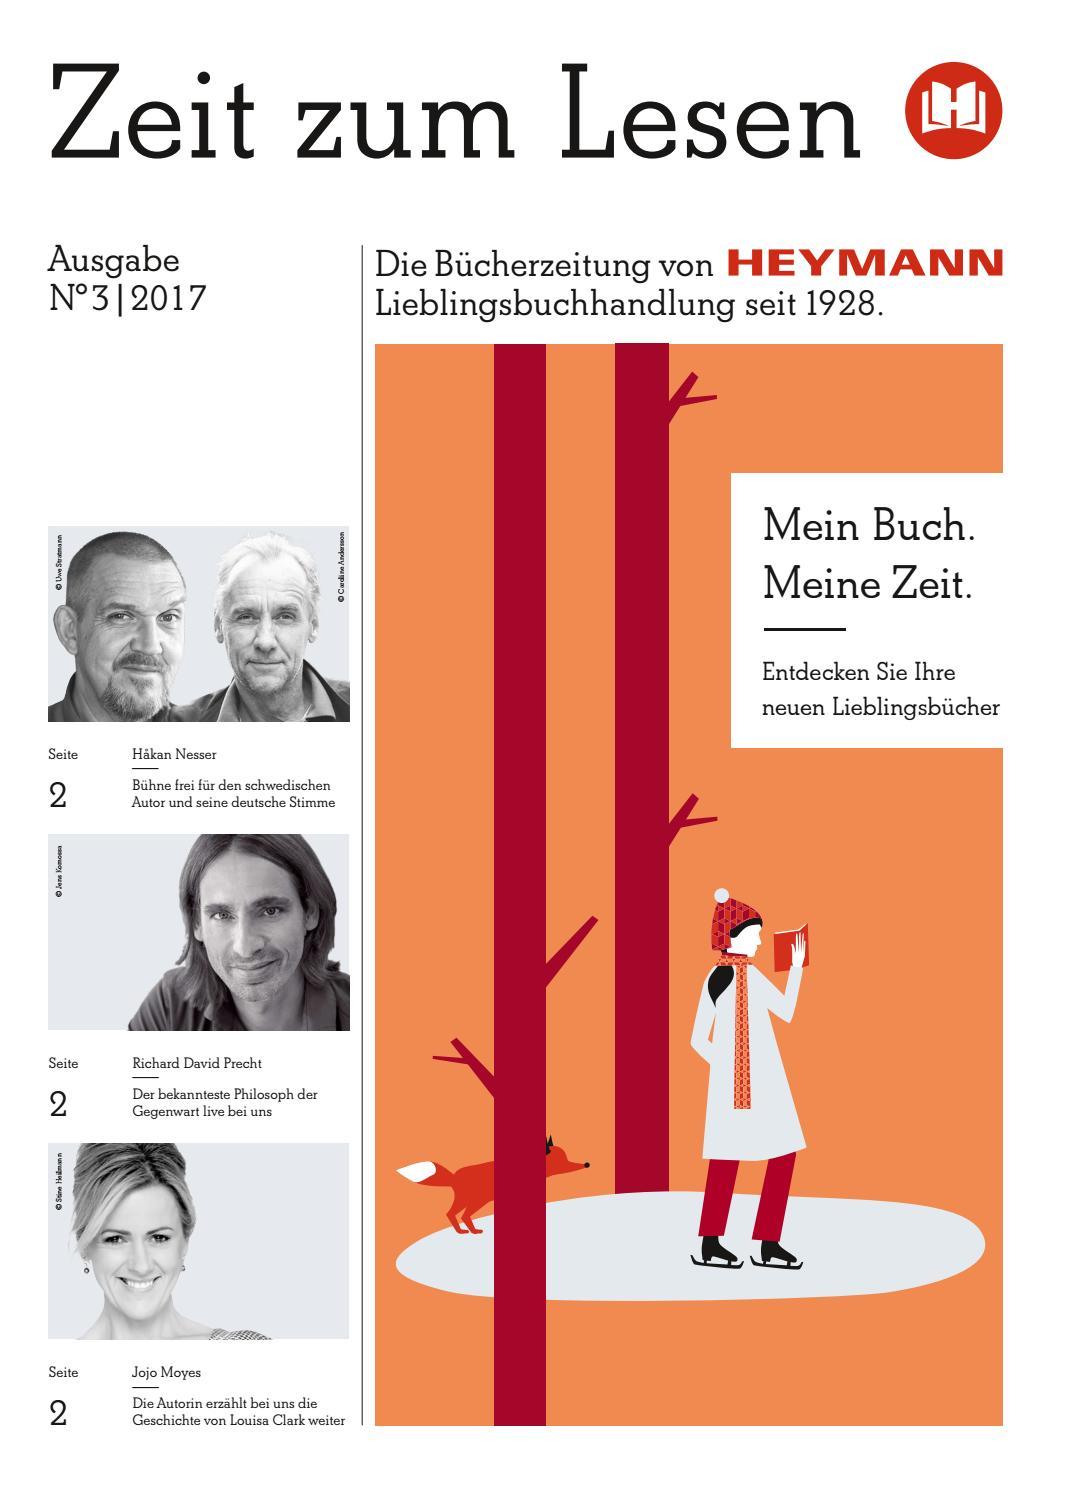 Buchhandlung Heymann - Zeit zum Lesen No. 3 - 2017 by Buchwerbung ...